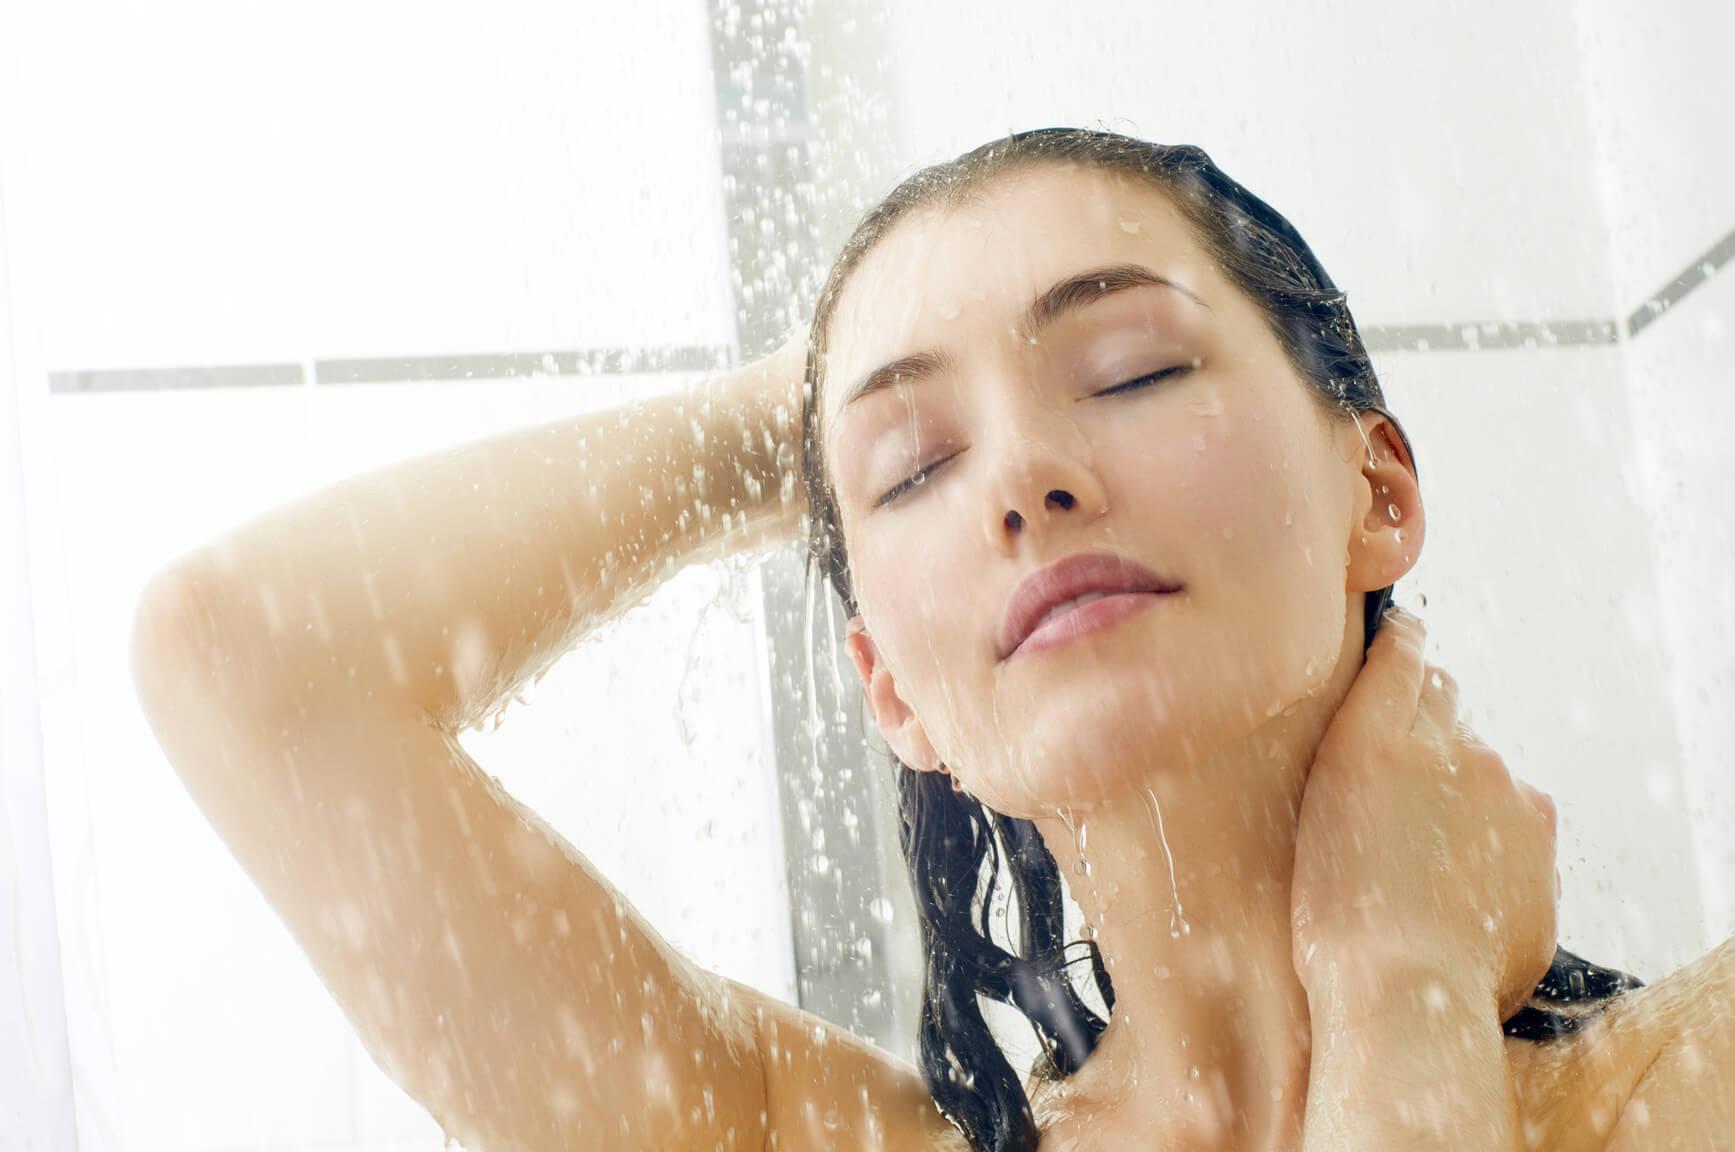 Очищение и распаривание кожи в душе